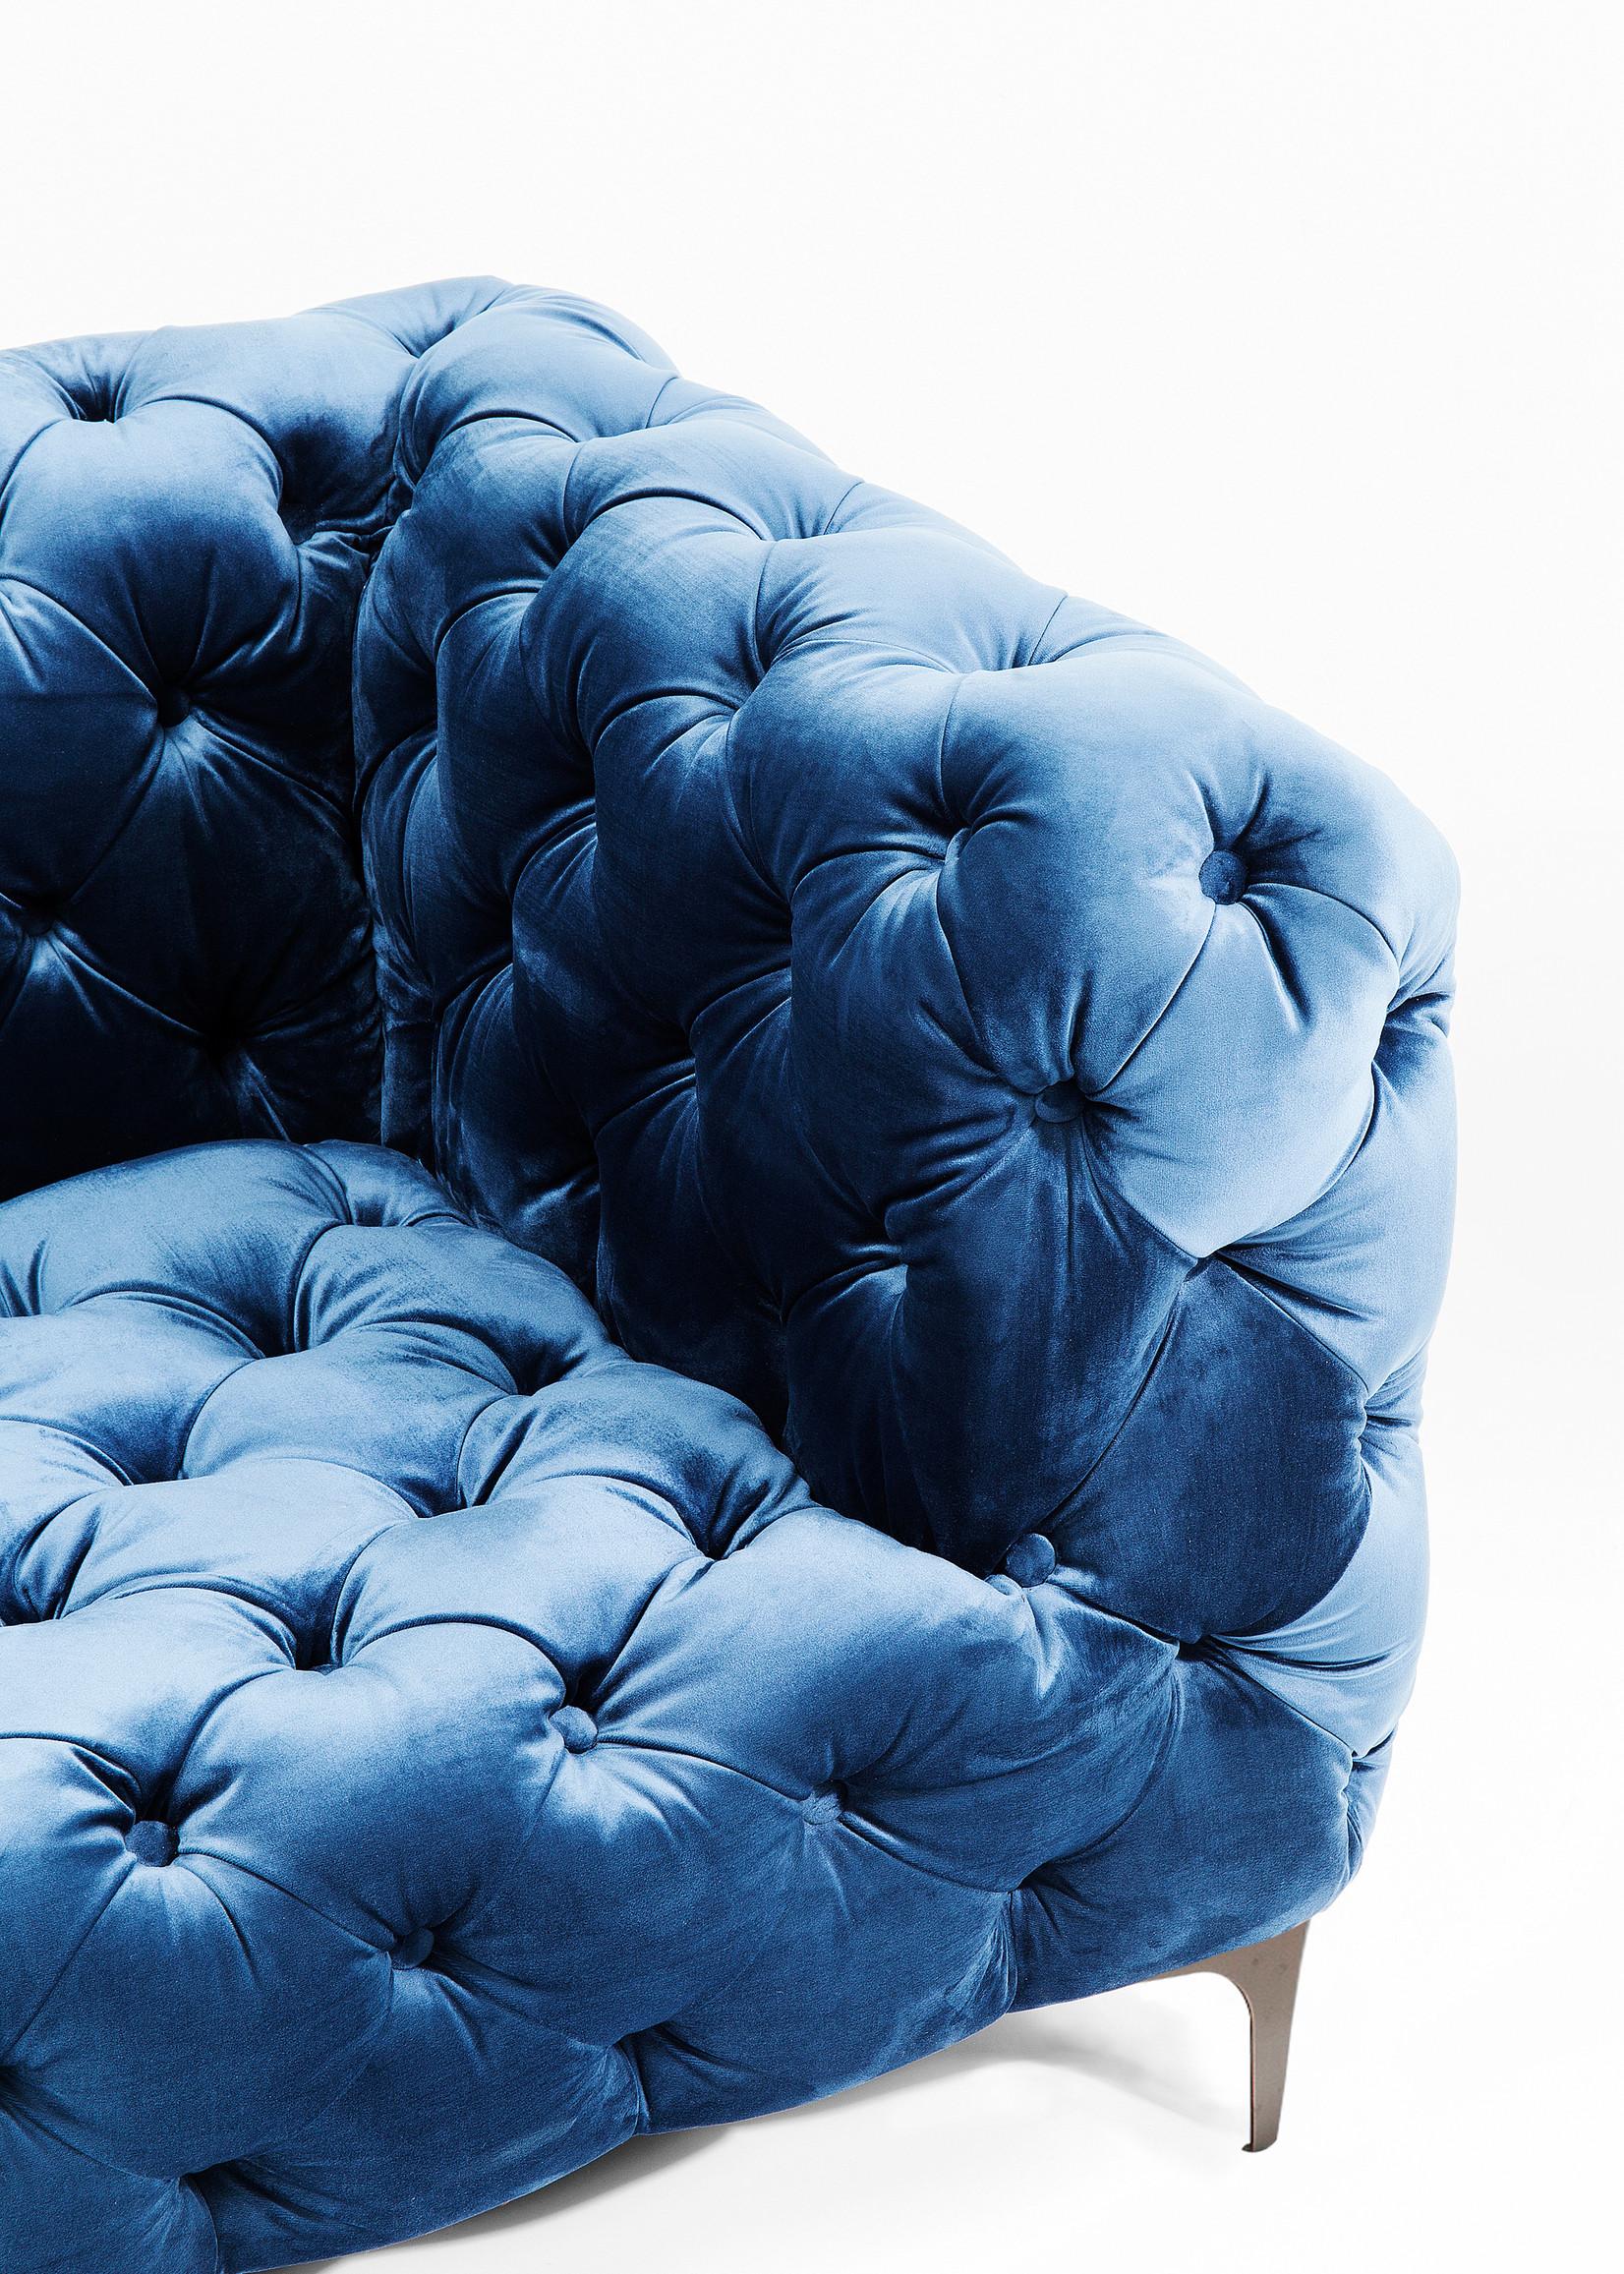 KARE DESIGN Sofa Look 180cm Velvet Blue